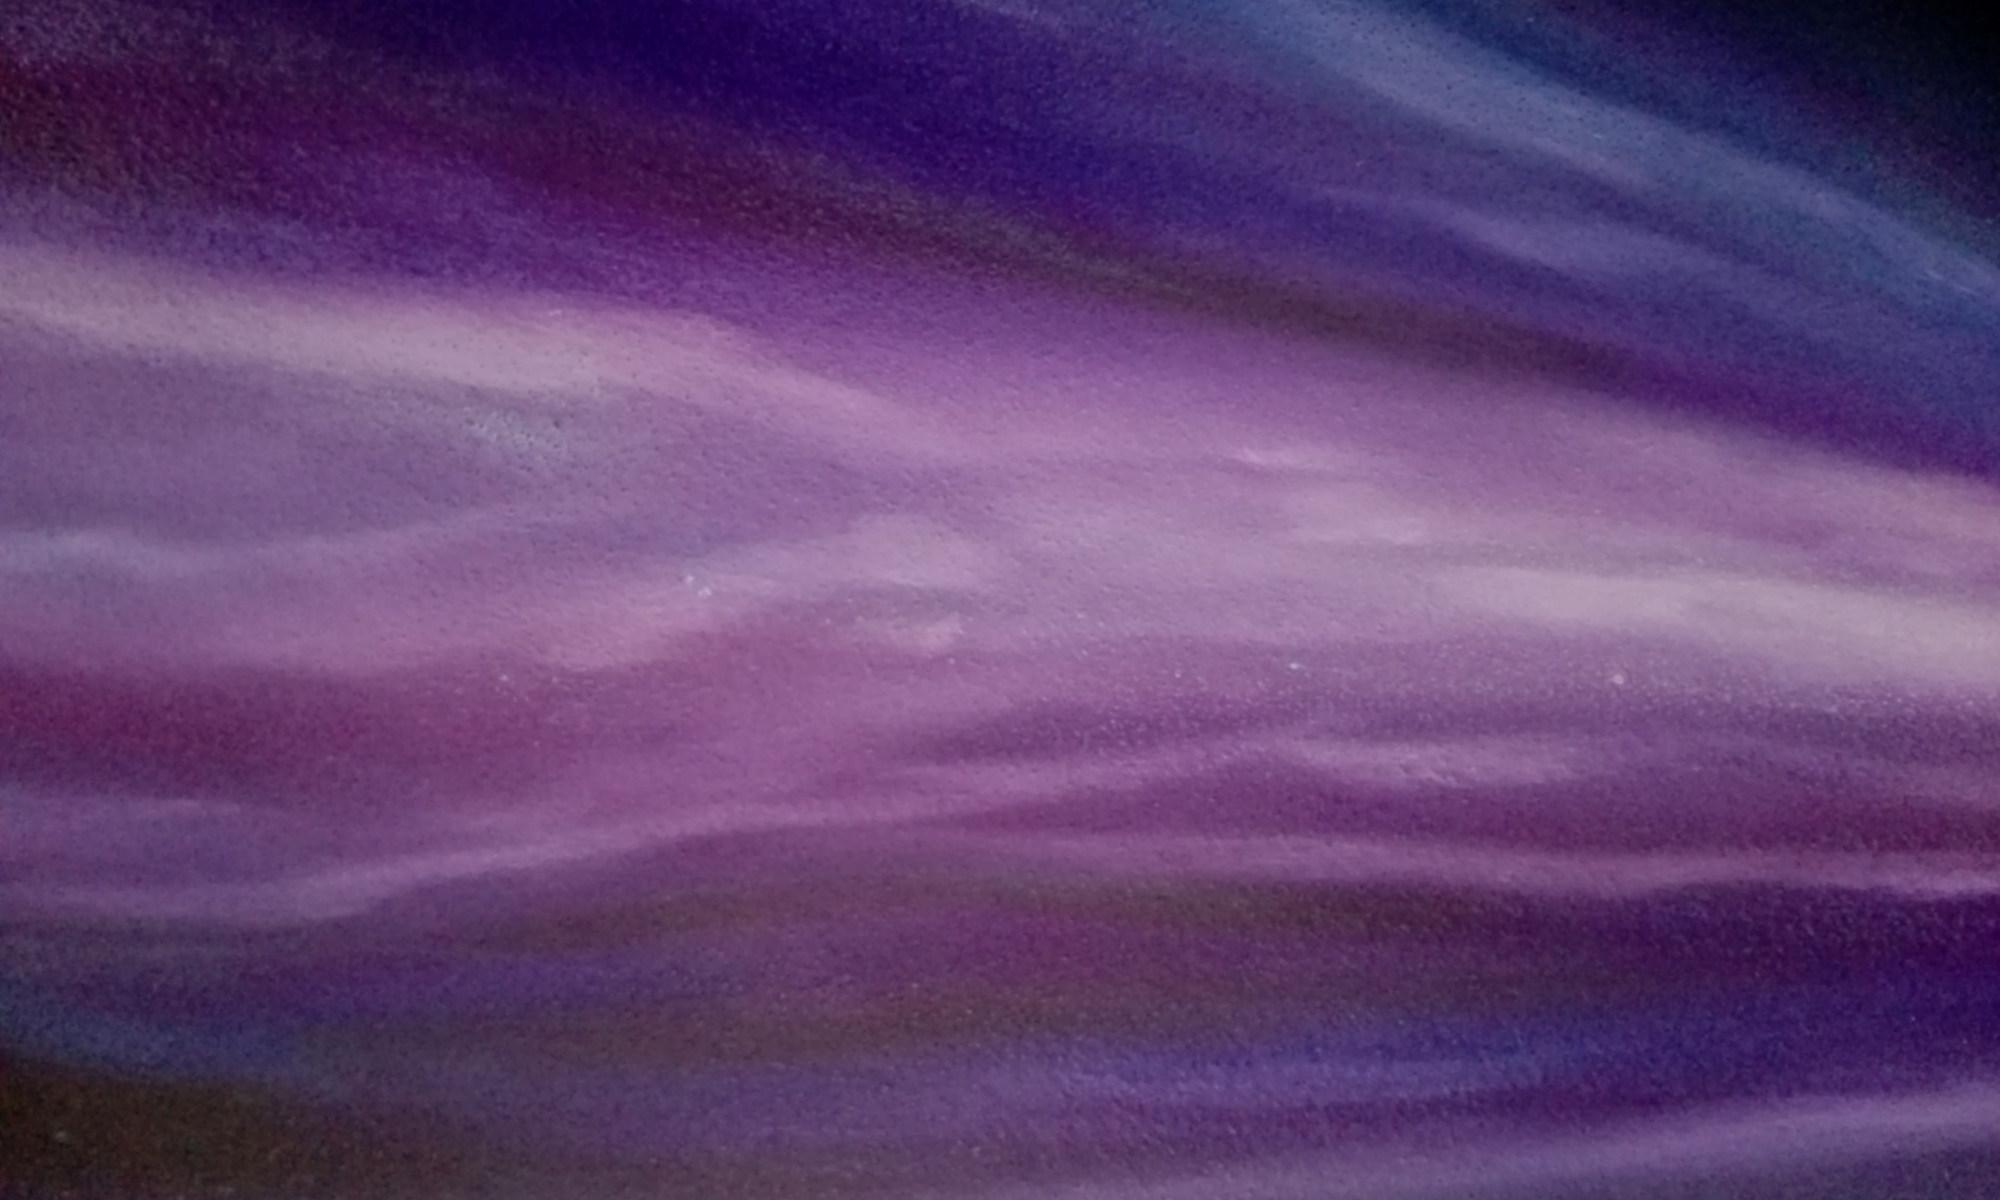 Ricordo Mondi che adesso posso solo raccontare tramite la mia arte o condividere con chi li Sente dentro, come me.